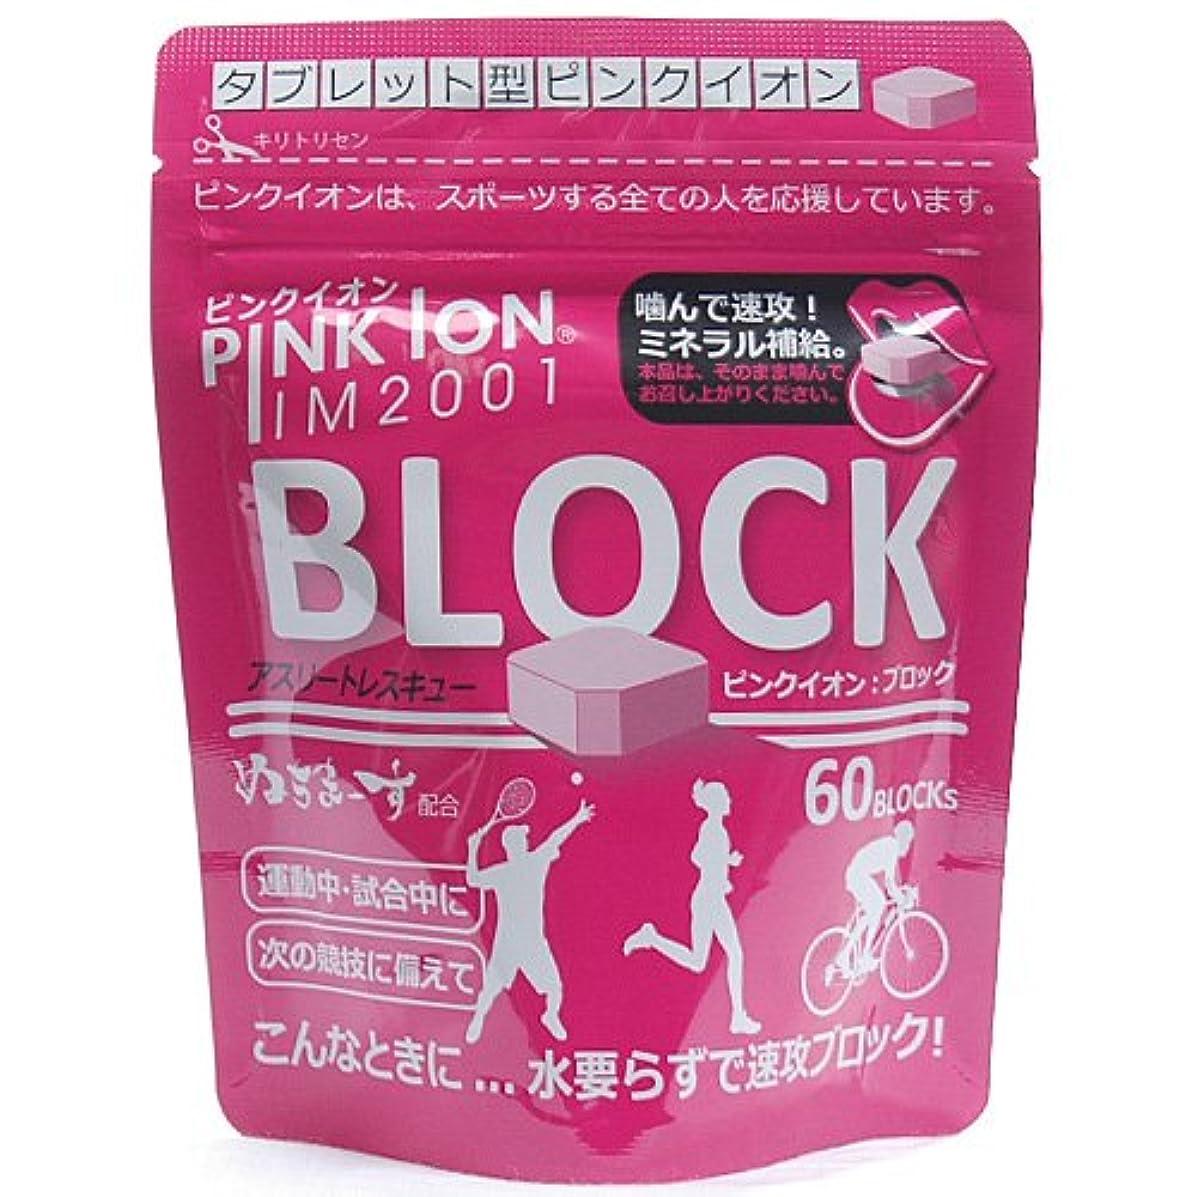 神聖マラドロイト音声学ピンクイオン ブロック 90g (1.5g x 60粒入?アルミ袋)(ミネラル?アミノ酸補給食品)